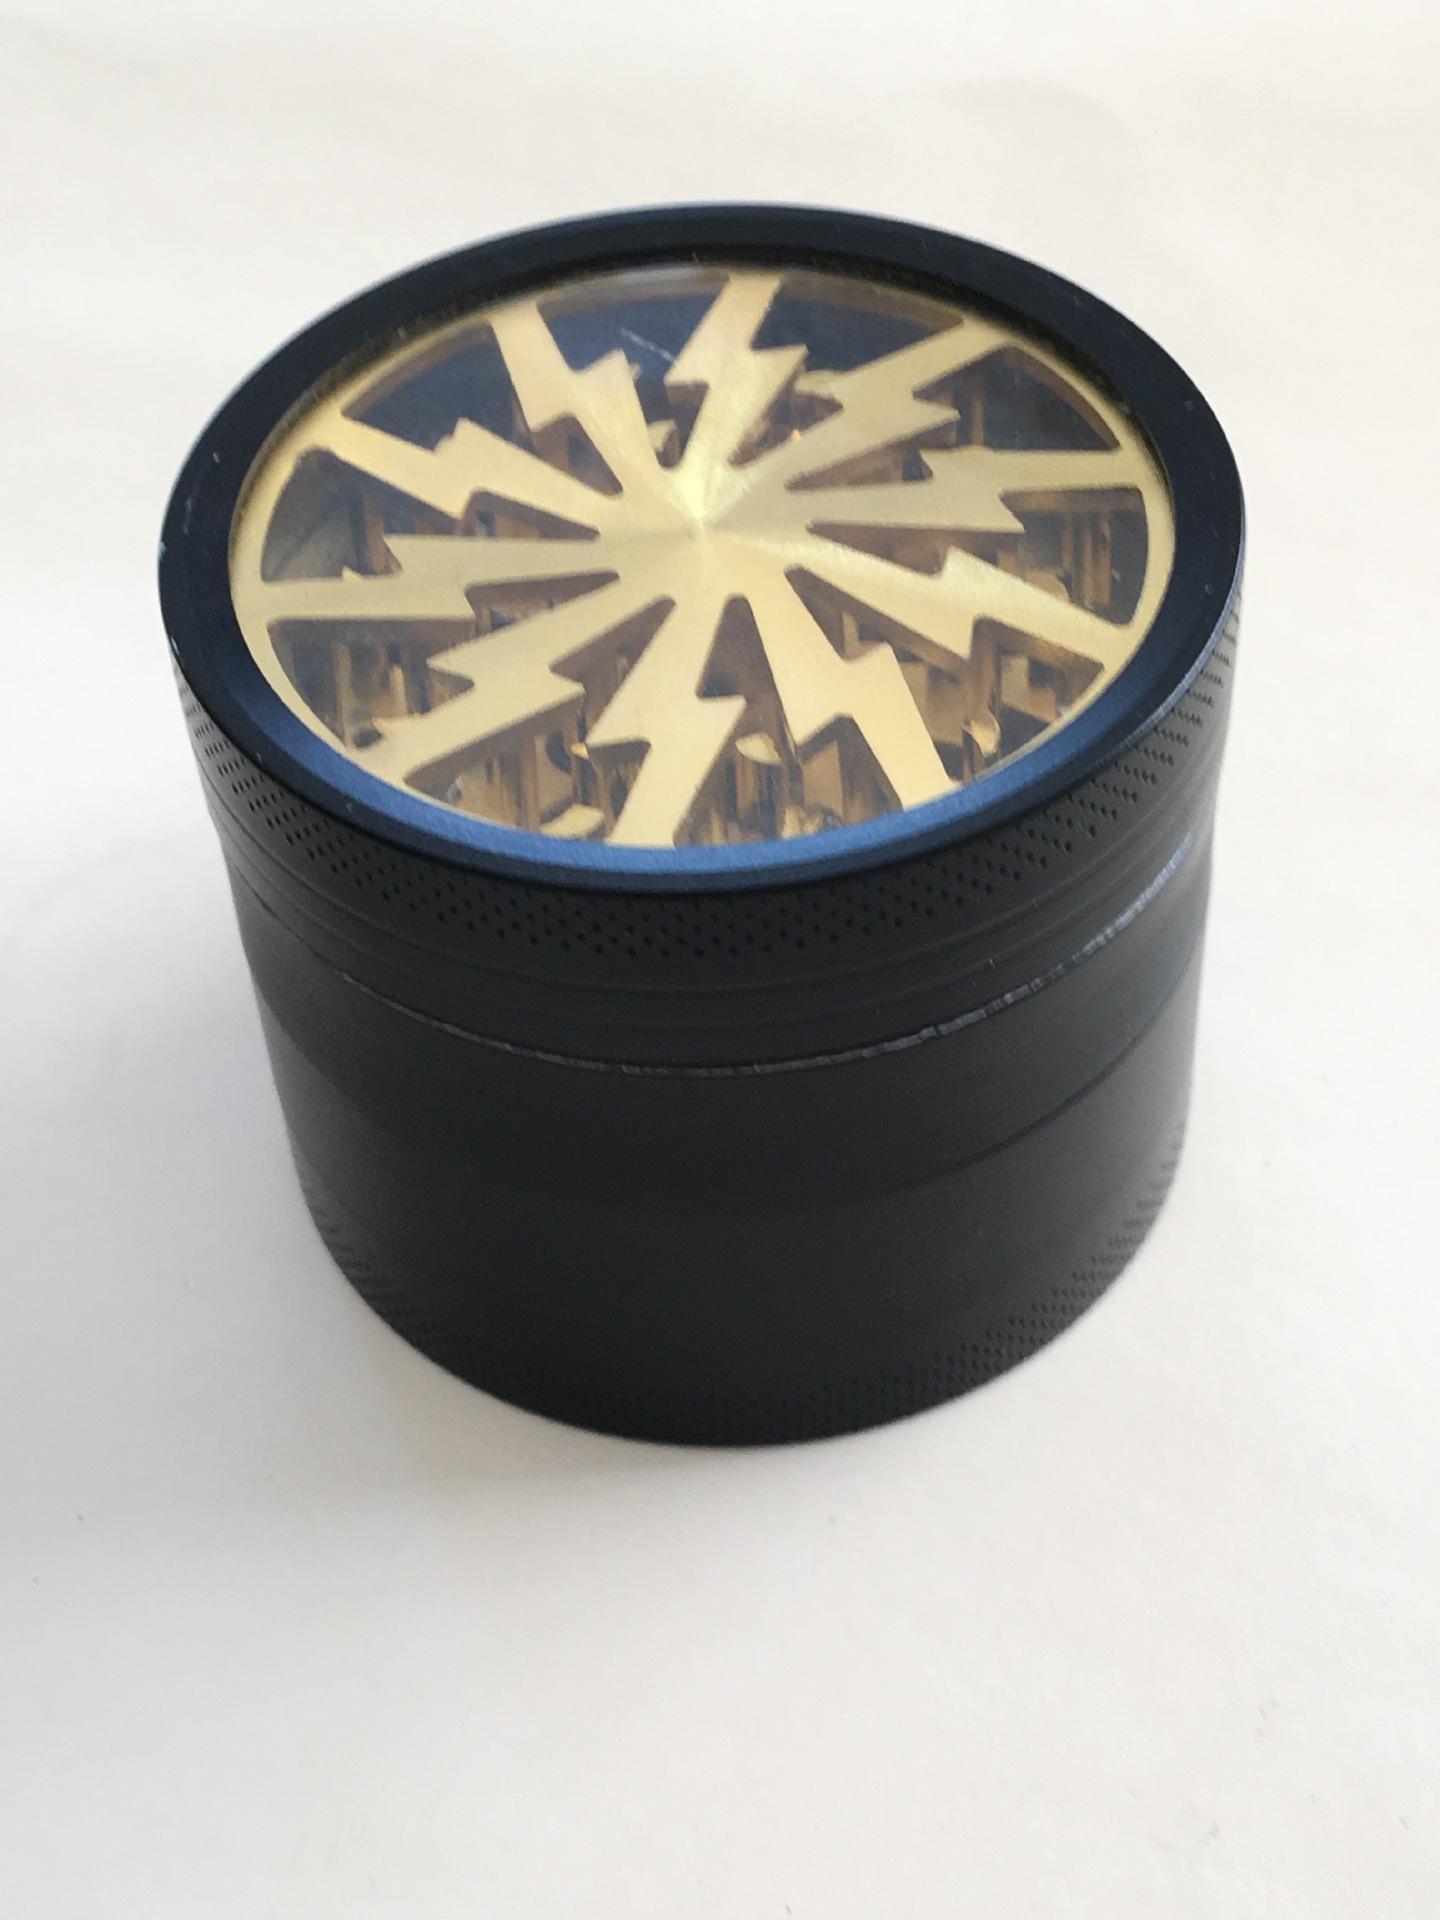 Broyeurs d'herbe de tabagisme quatre couches Broyeur d'alliage d'aluminium 100% dia 63mm en métal ont 5 couleurs avec le broyeur clair supérieur d'éclairage de fenêtre